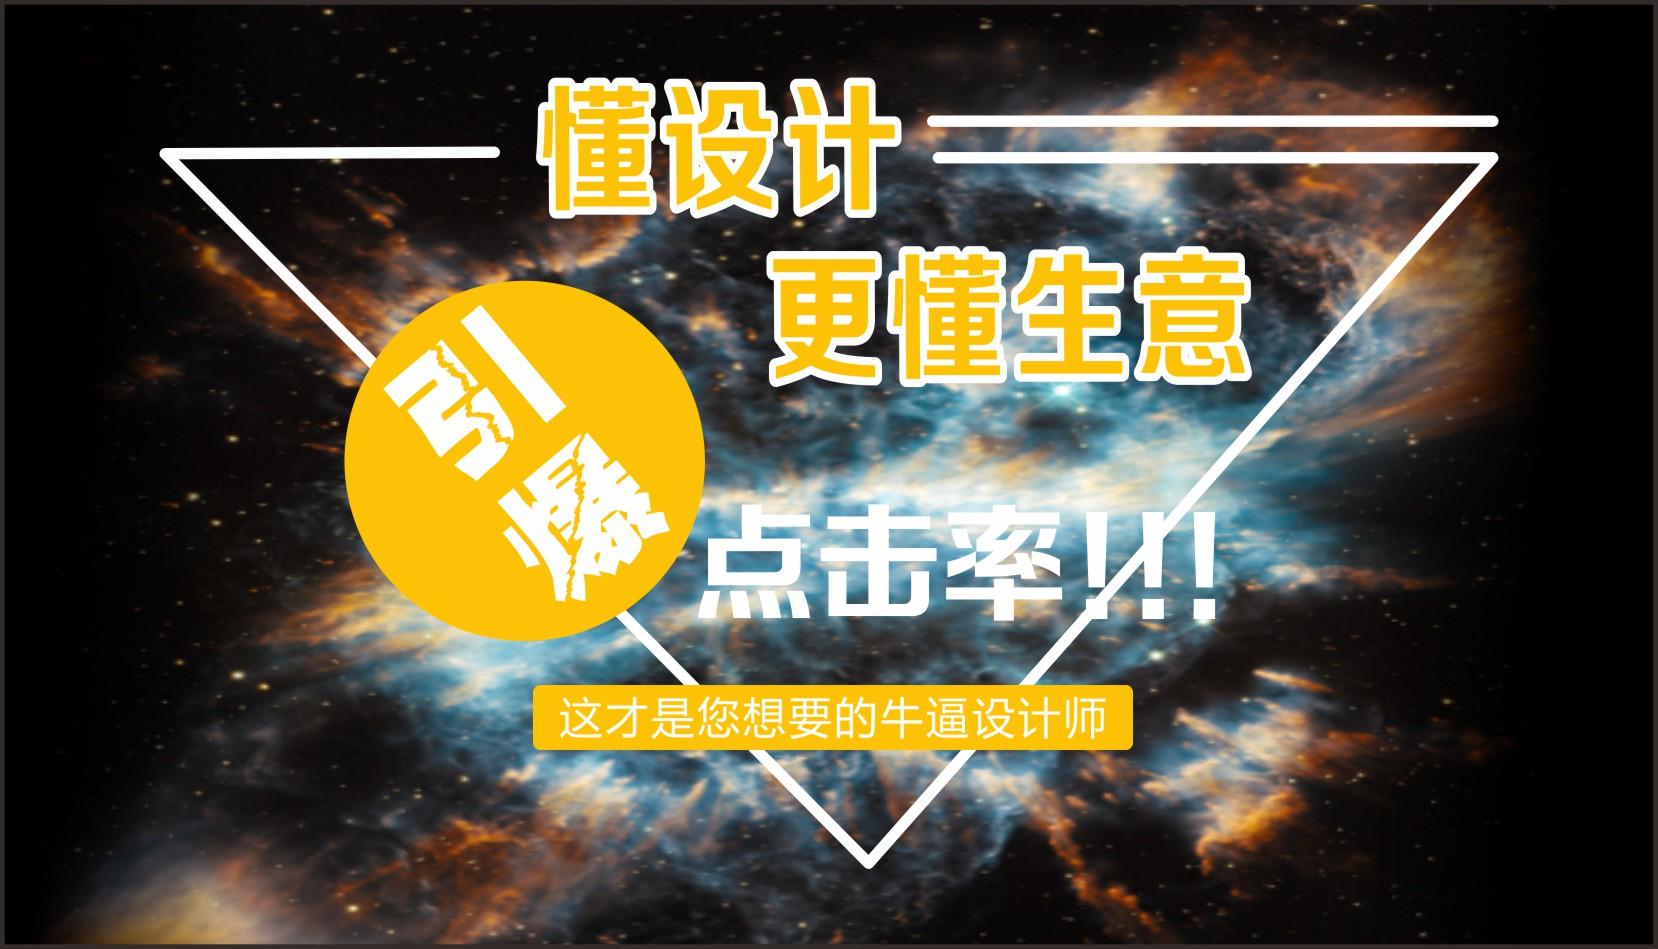 启鼎淘宝天猫京东拼多多阿里巴巴猪八戒店铺详情页原创套版设计